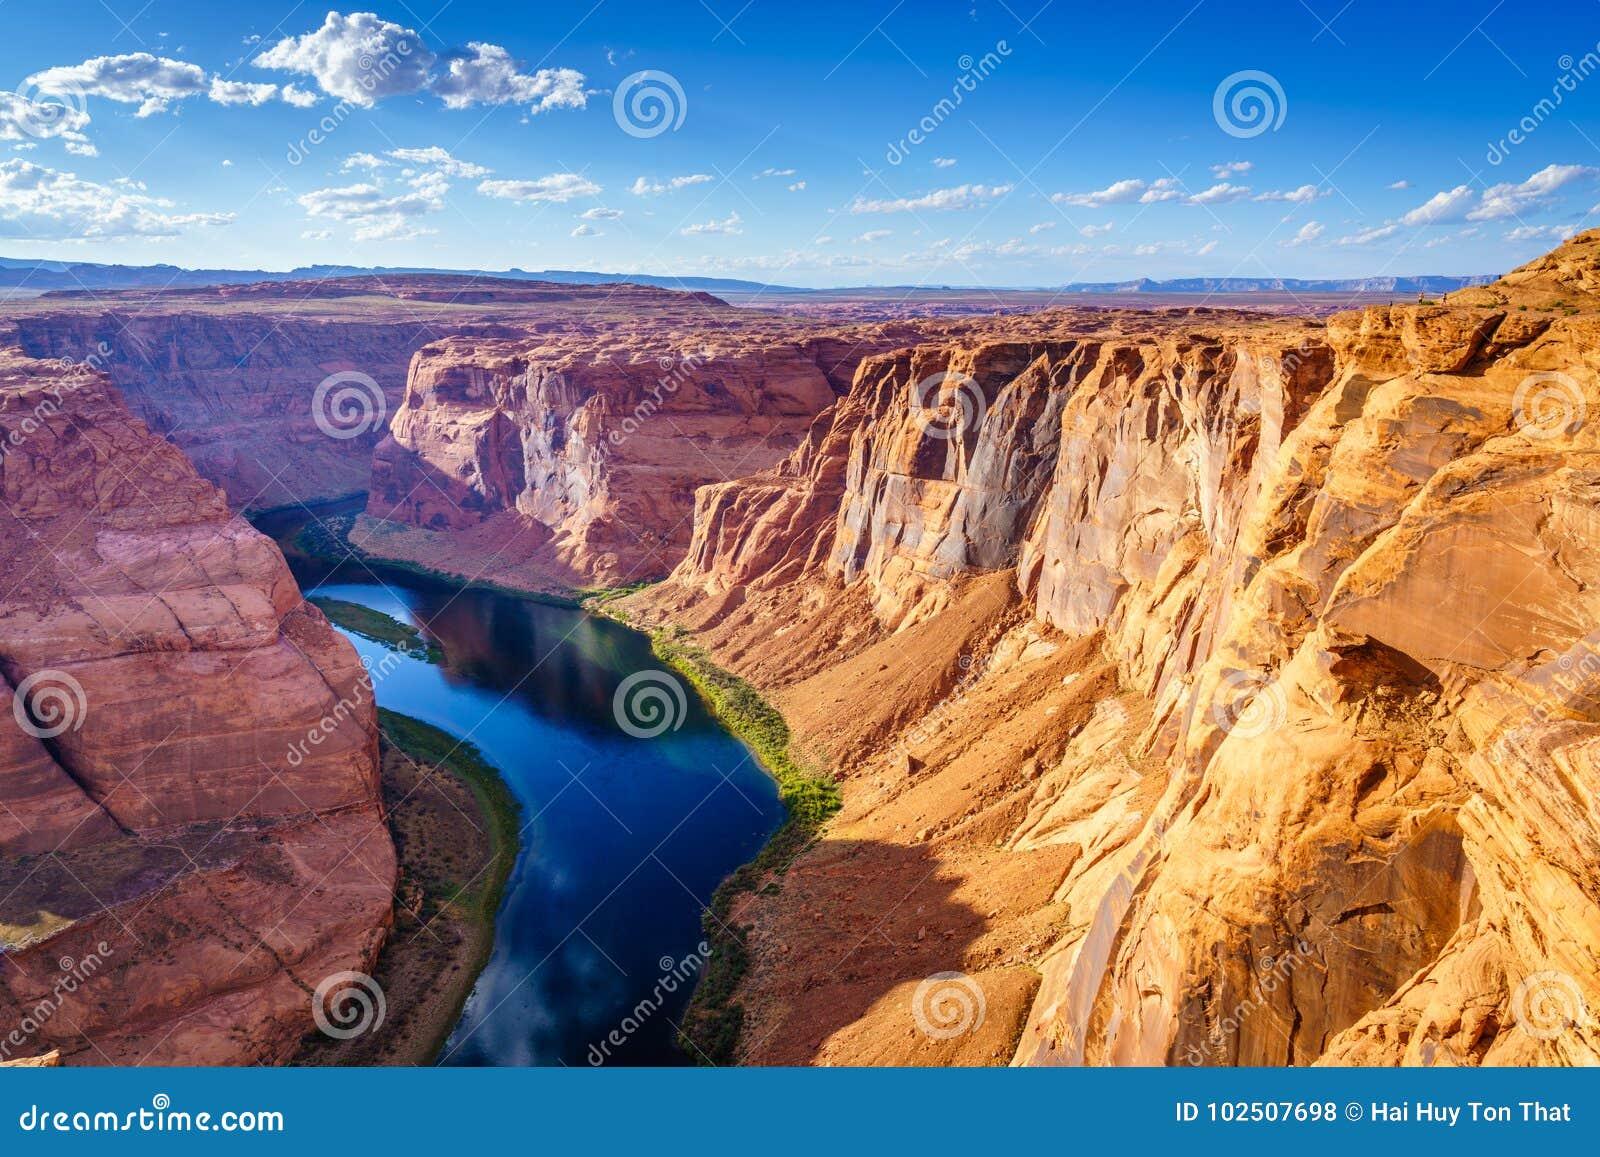 δωρεάν dating σε μεγάλο ποτάμι